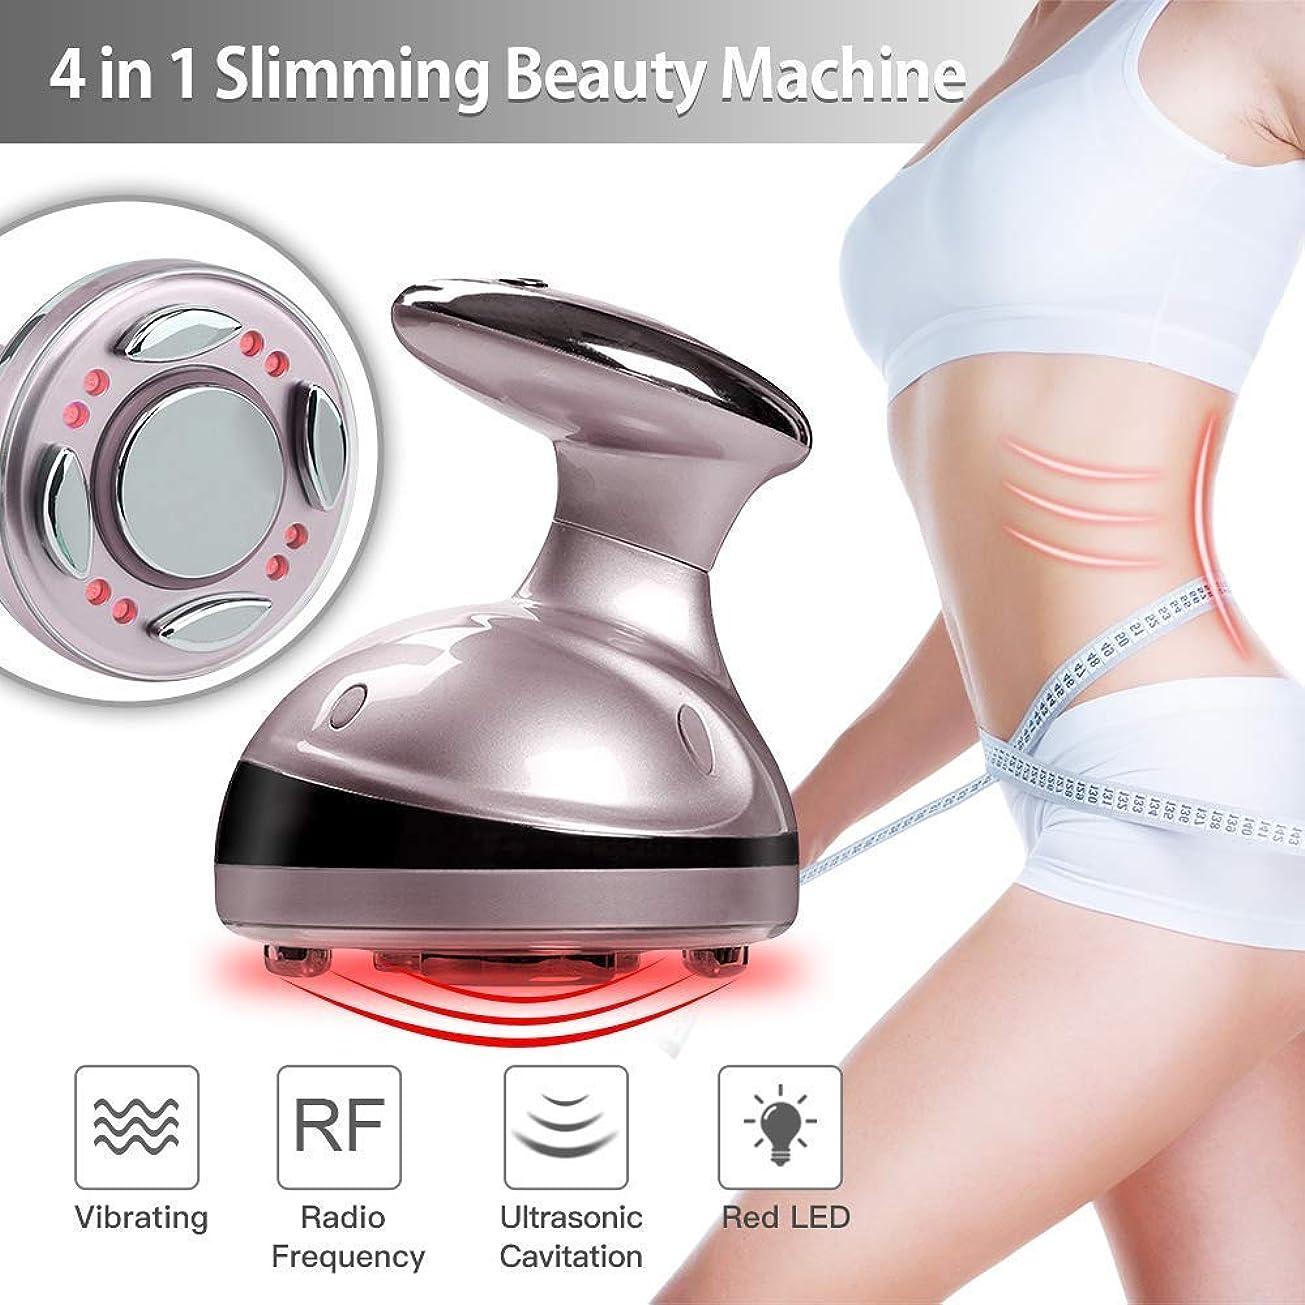 くぼみテニスクスコ4 in 1 美容マシン/RF無線周波数/熱振動マッサージ,スキンケア脂肪除去体スリム減量 女性男性用